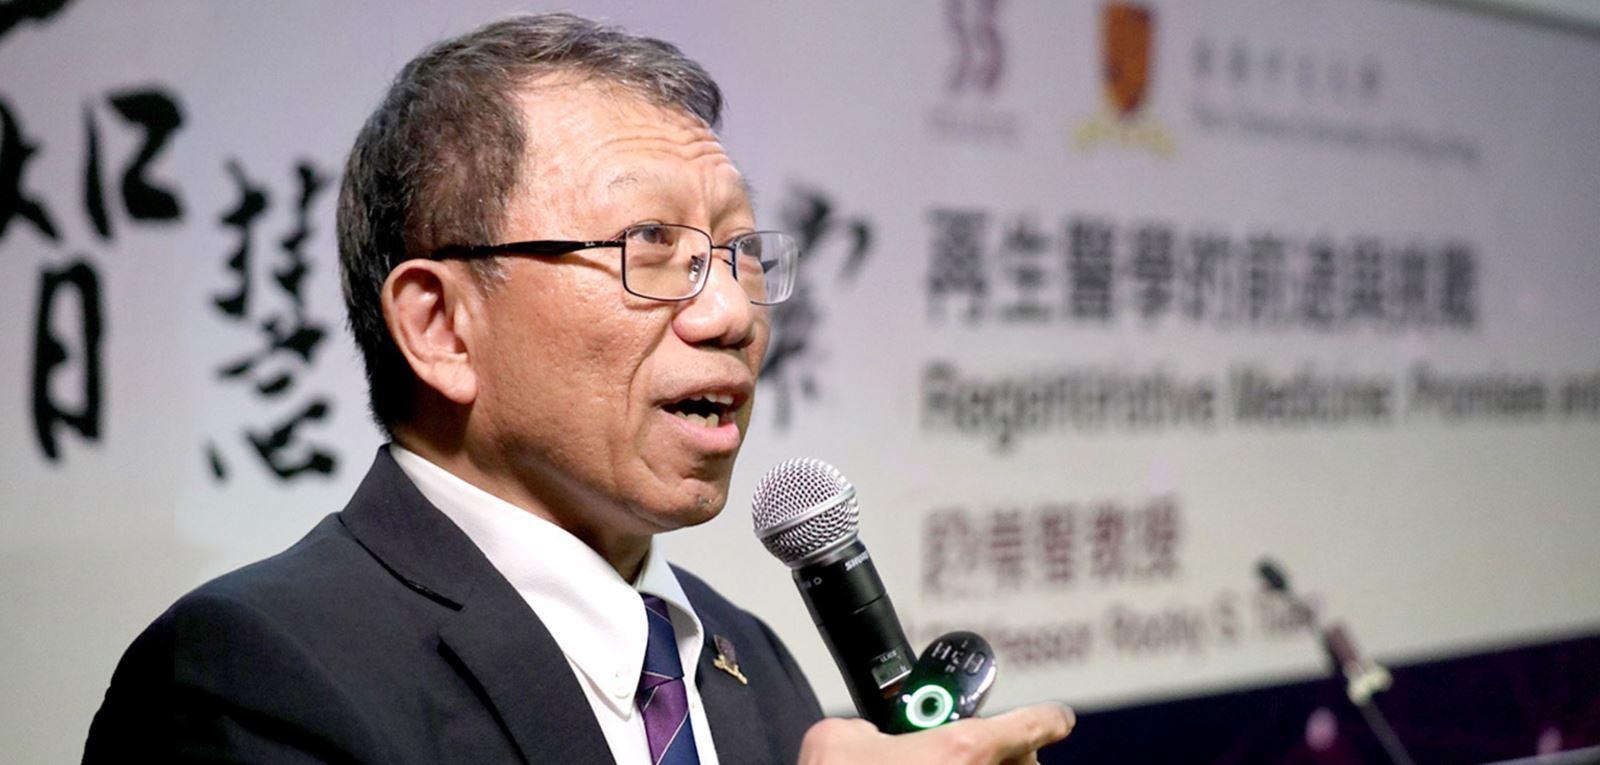 香港的生物醫學科研處於全球領先位置,不論在幹細胞研究、腫瘤生物學、實驗藥物治療學、組織工程學等均表現出色。